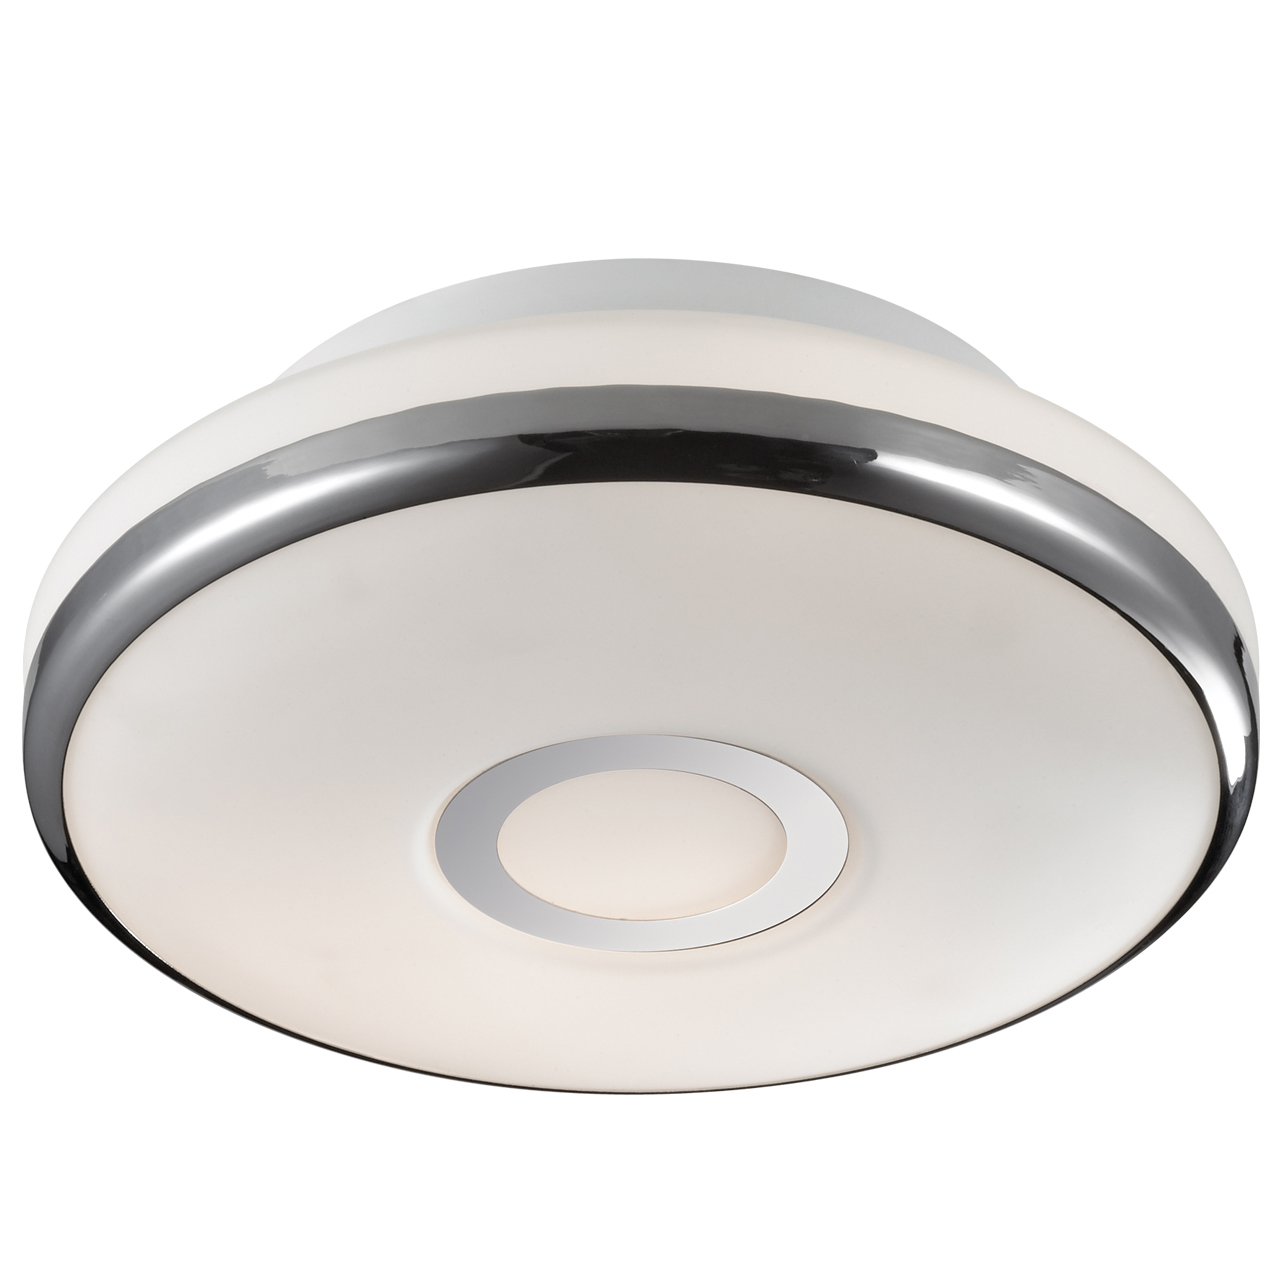 Светильник настенно-потолочный Odeon light 2401/3c